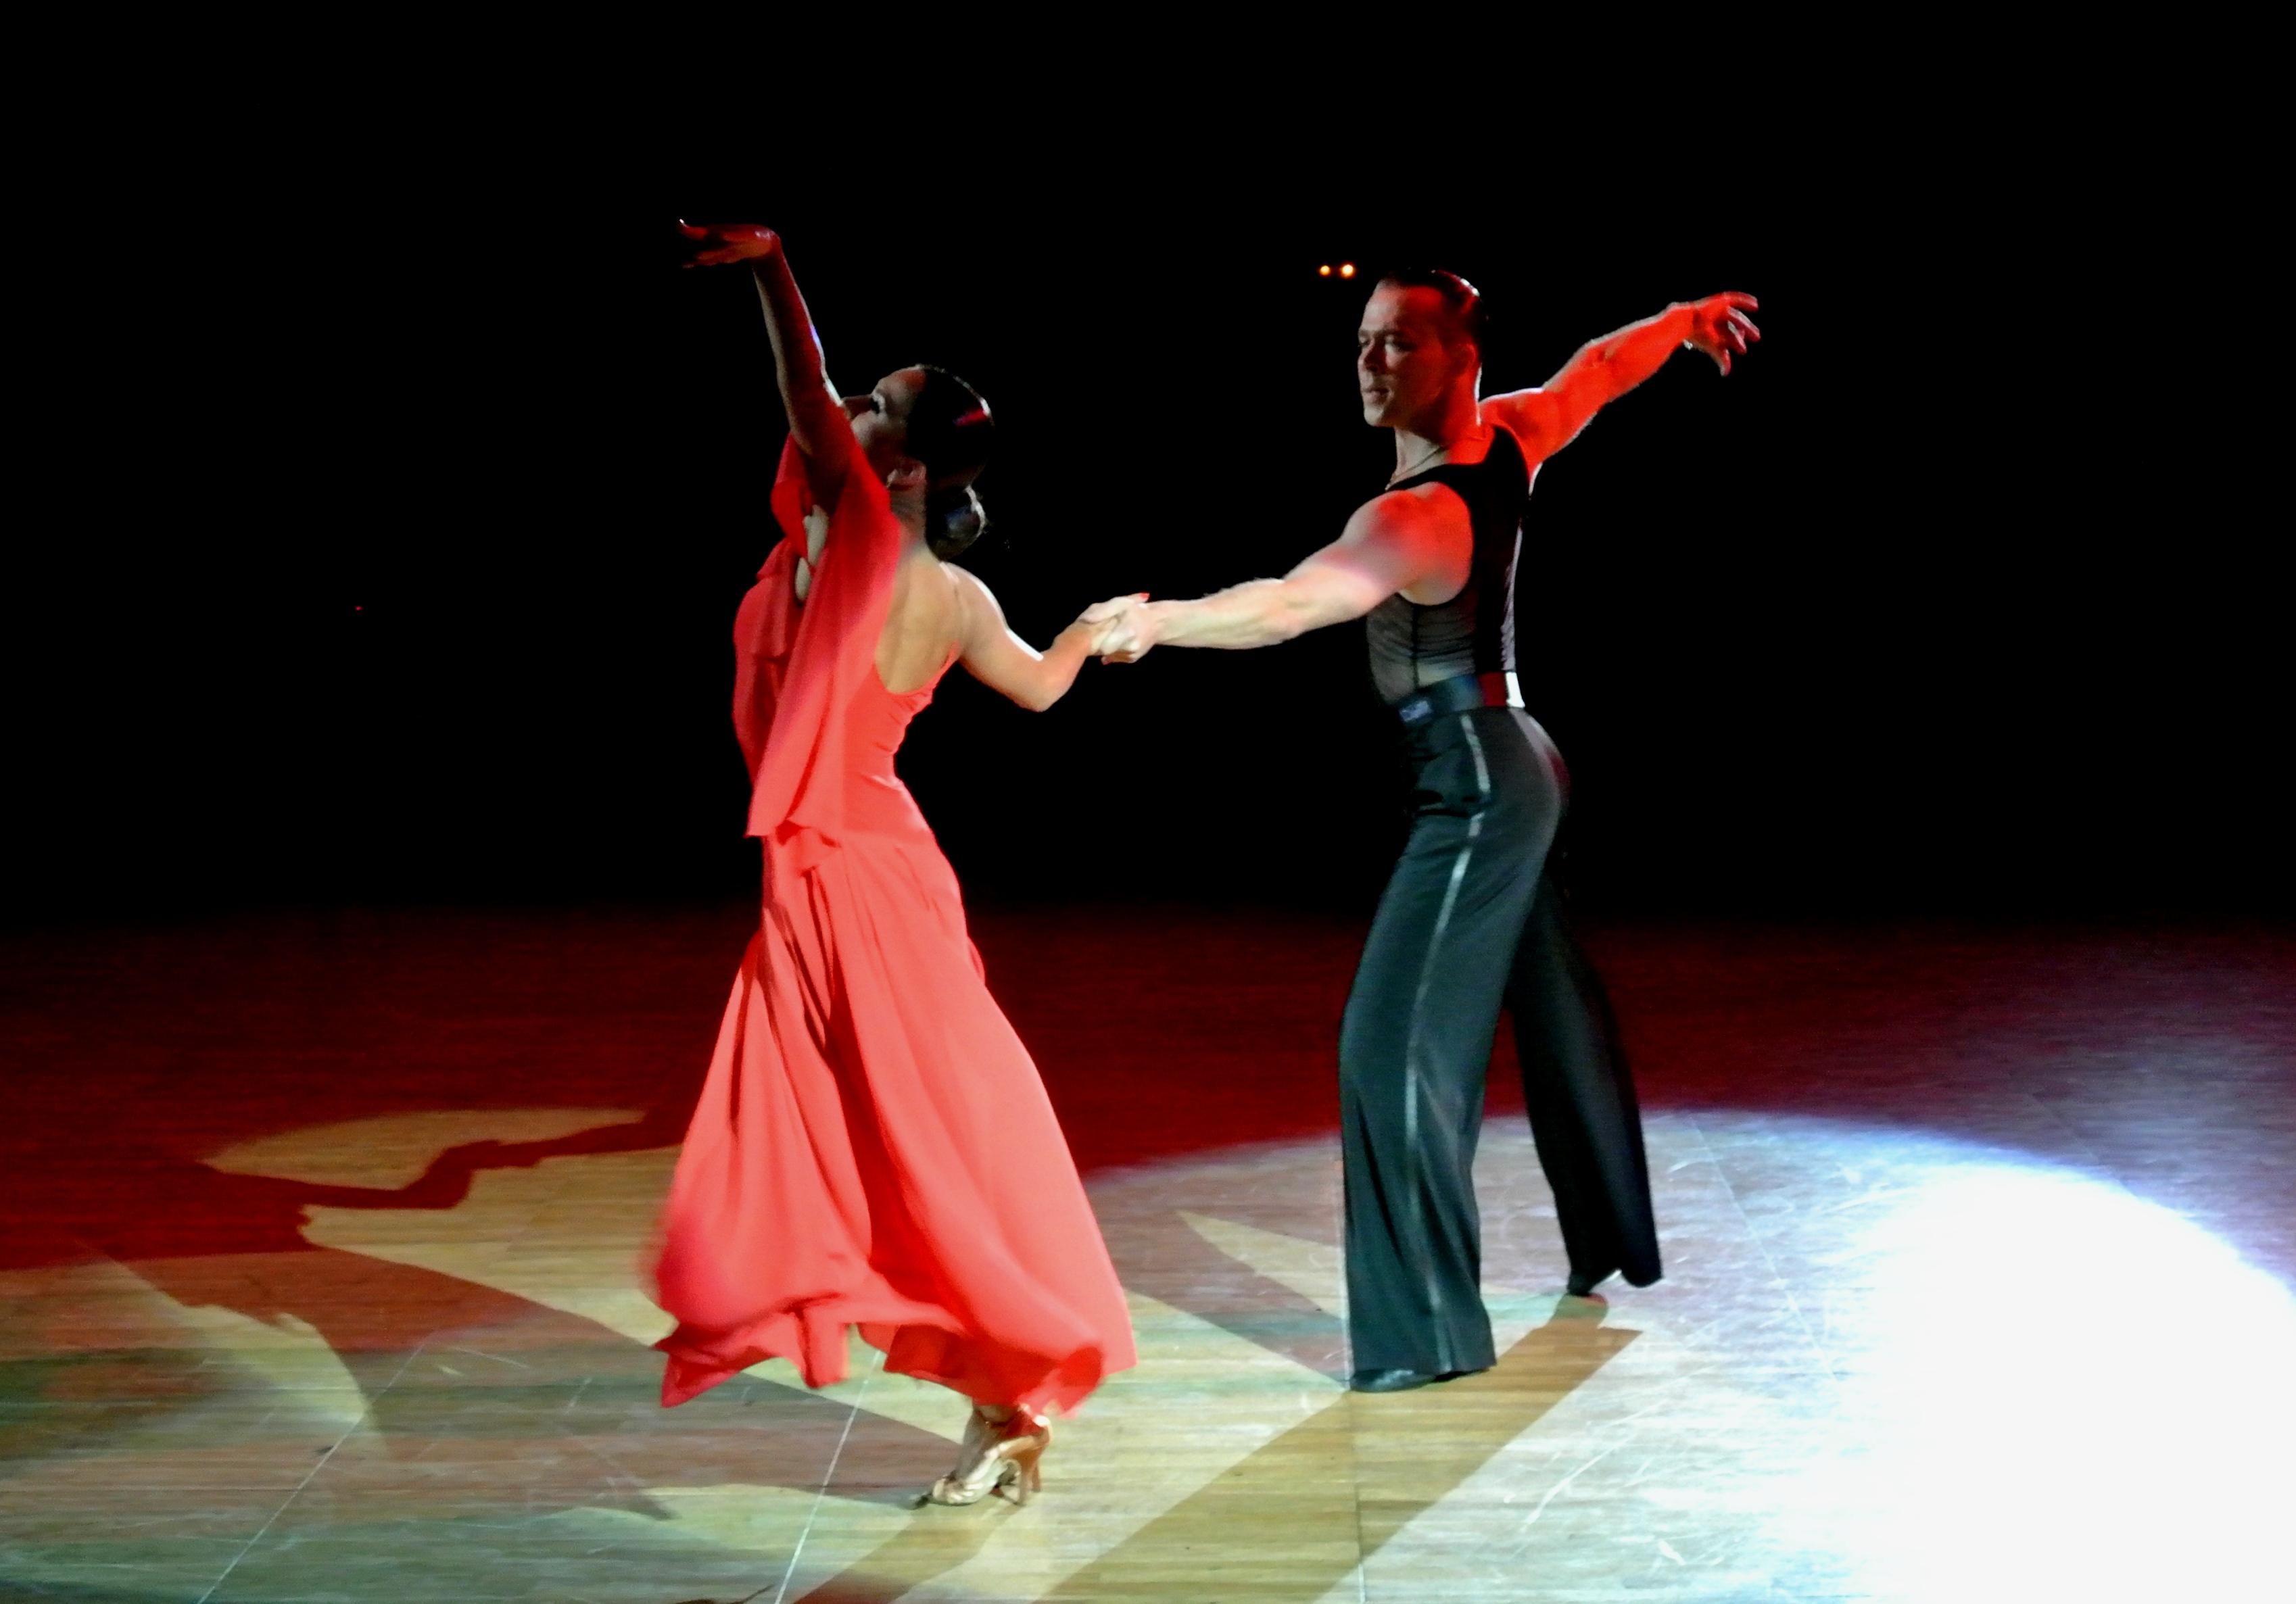 Вологодские танцоры Анна Кузьминская и Андрей Зайцев вновь выступают вместе